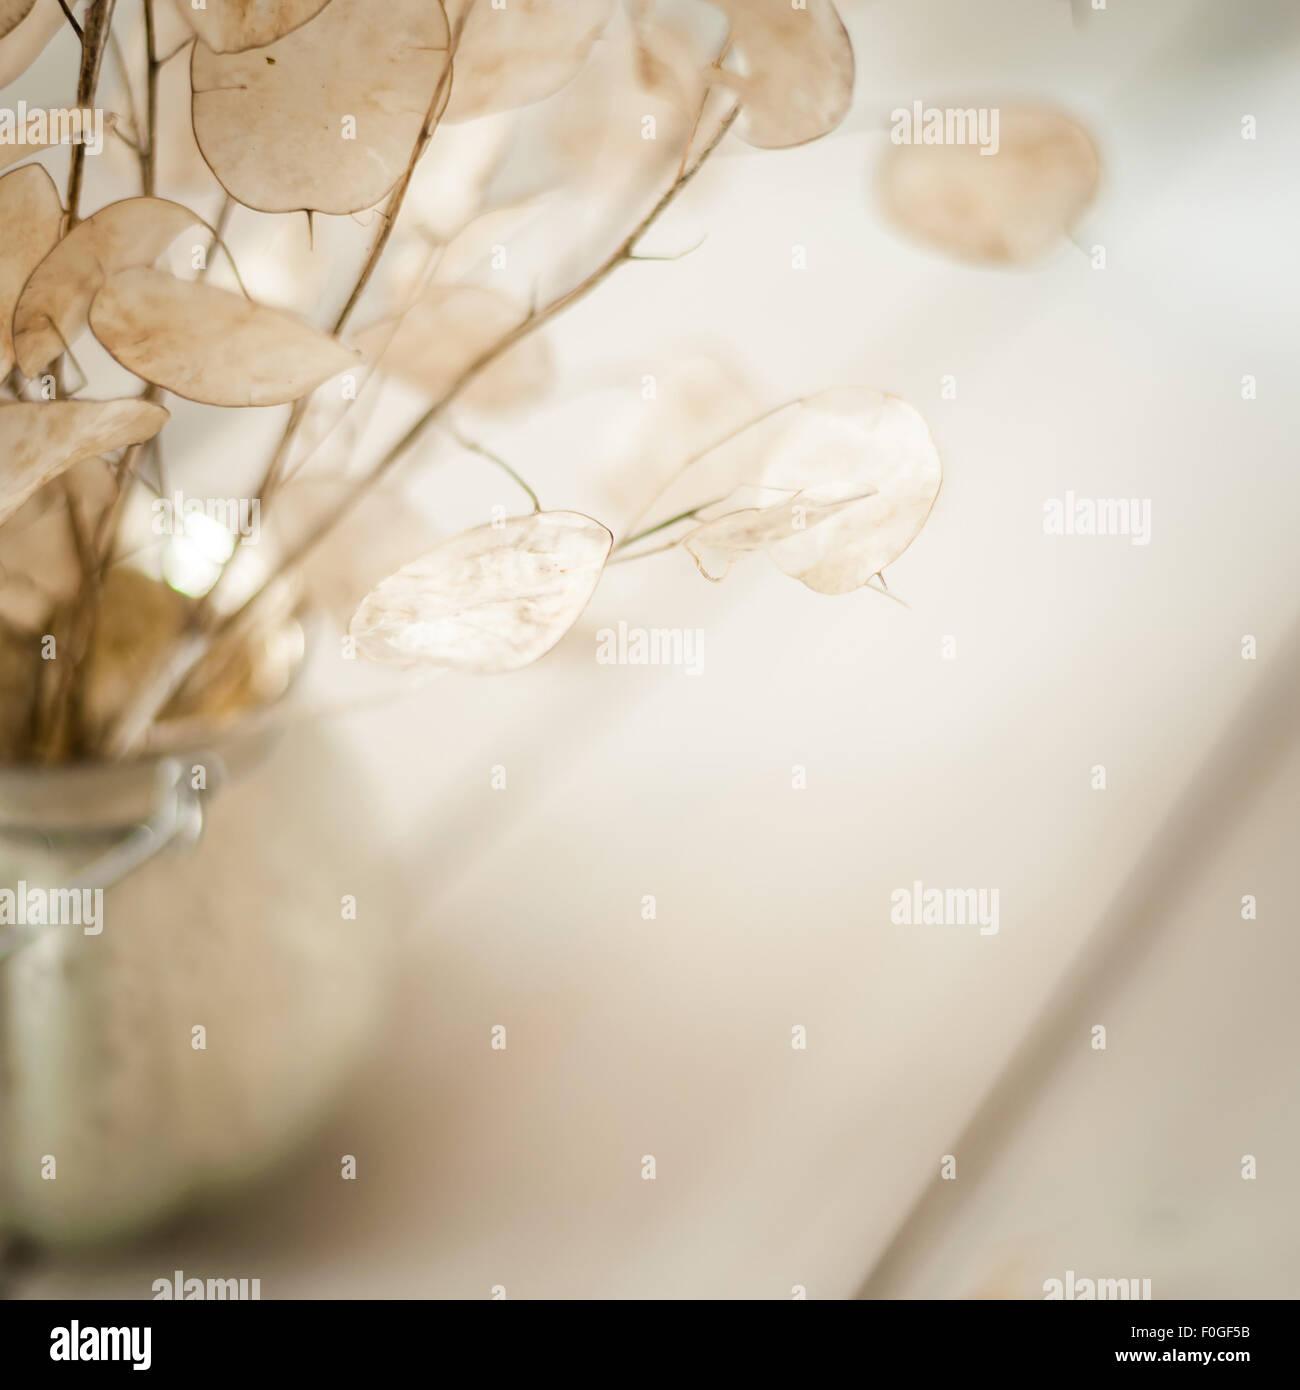 Nahaufnahme von Ehrlichkeit Samenkapseln in einer Runde Vase auf hellem Hintergrund Stockbild